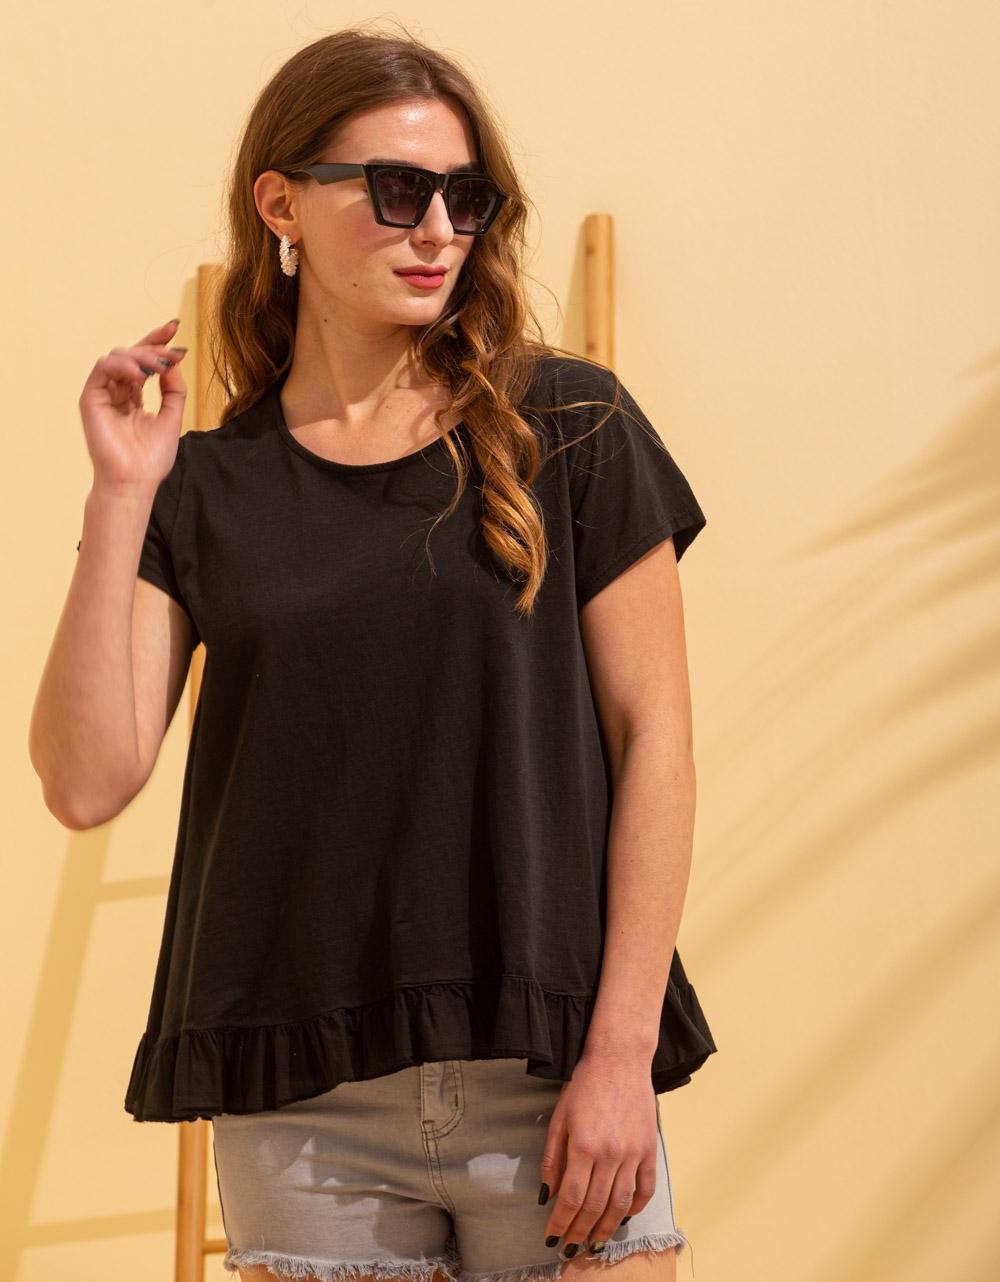 Εικόνα από Γυναικεία κοντομάνικη μπλούζα με βολάν στο τελείωμα Μαύρο